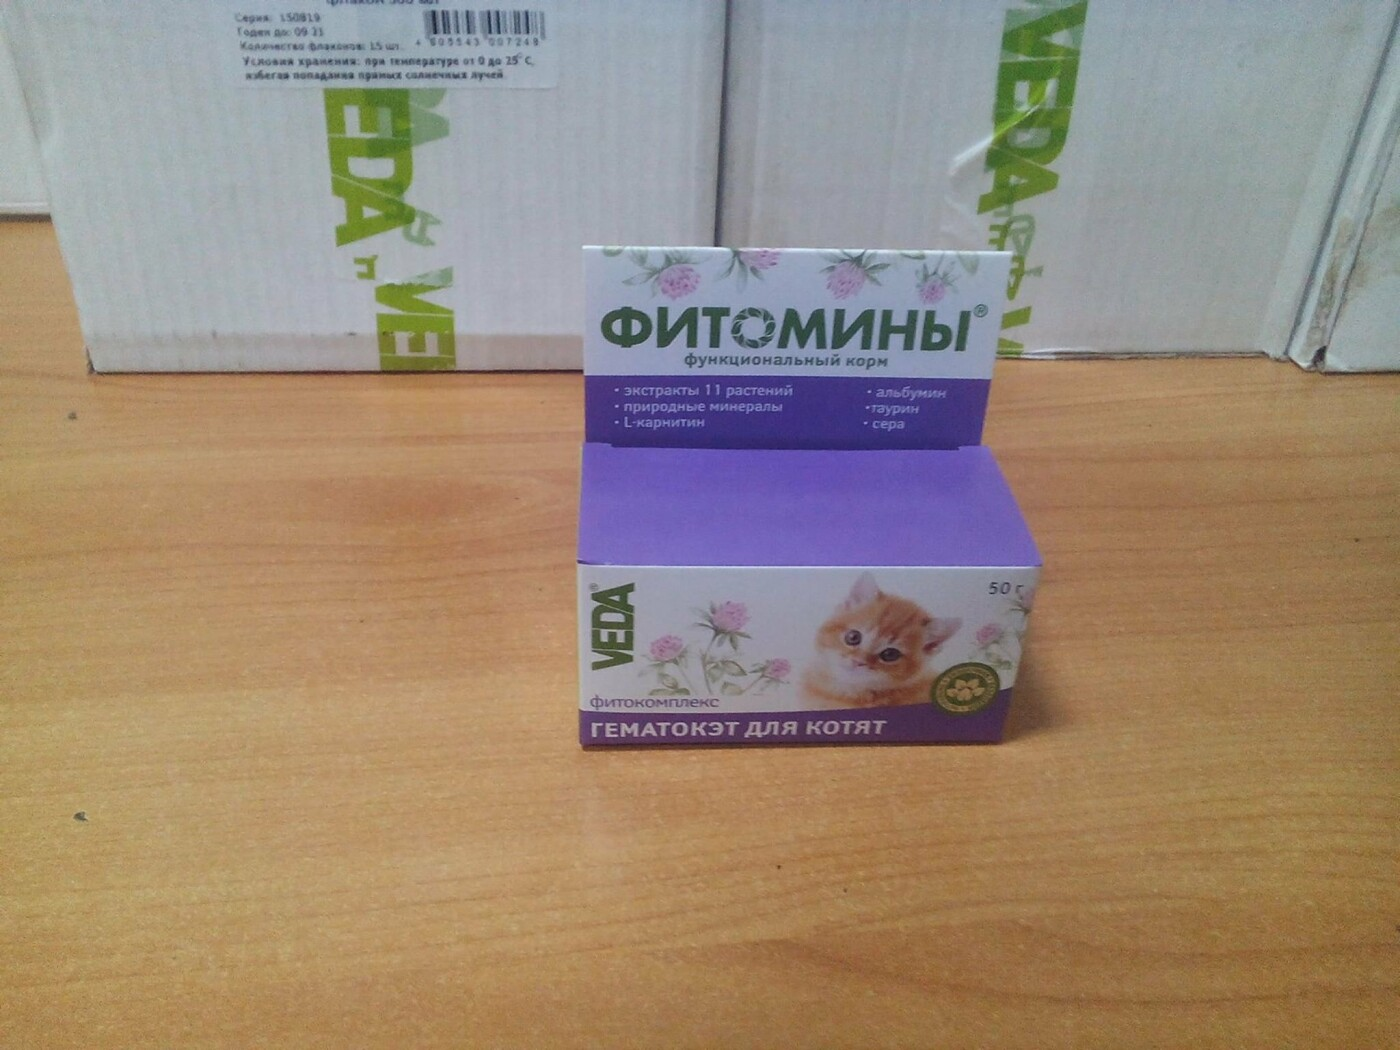 Не типичная контрабанда: на Черниговщину пытались ввезти нелегальную косметику, корм и книжки, фото-3